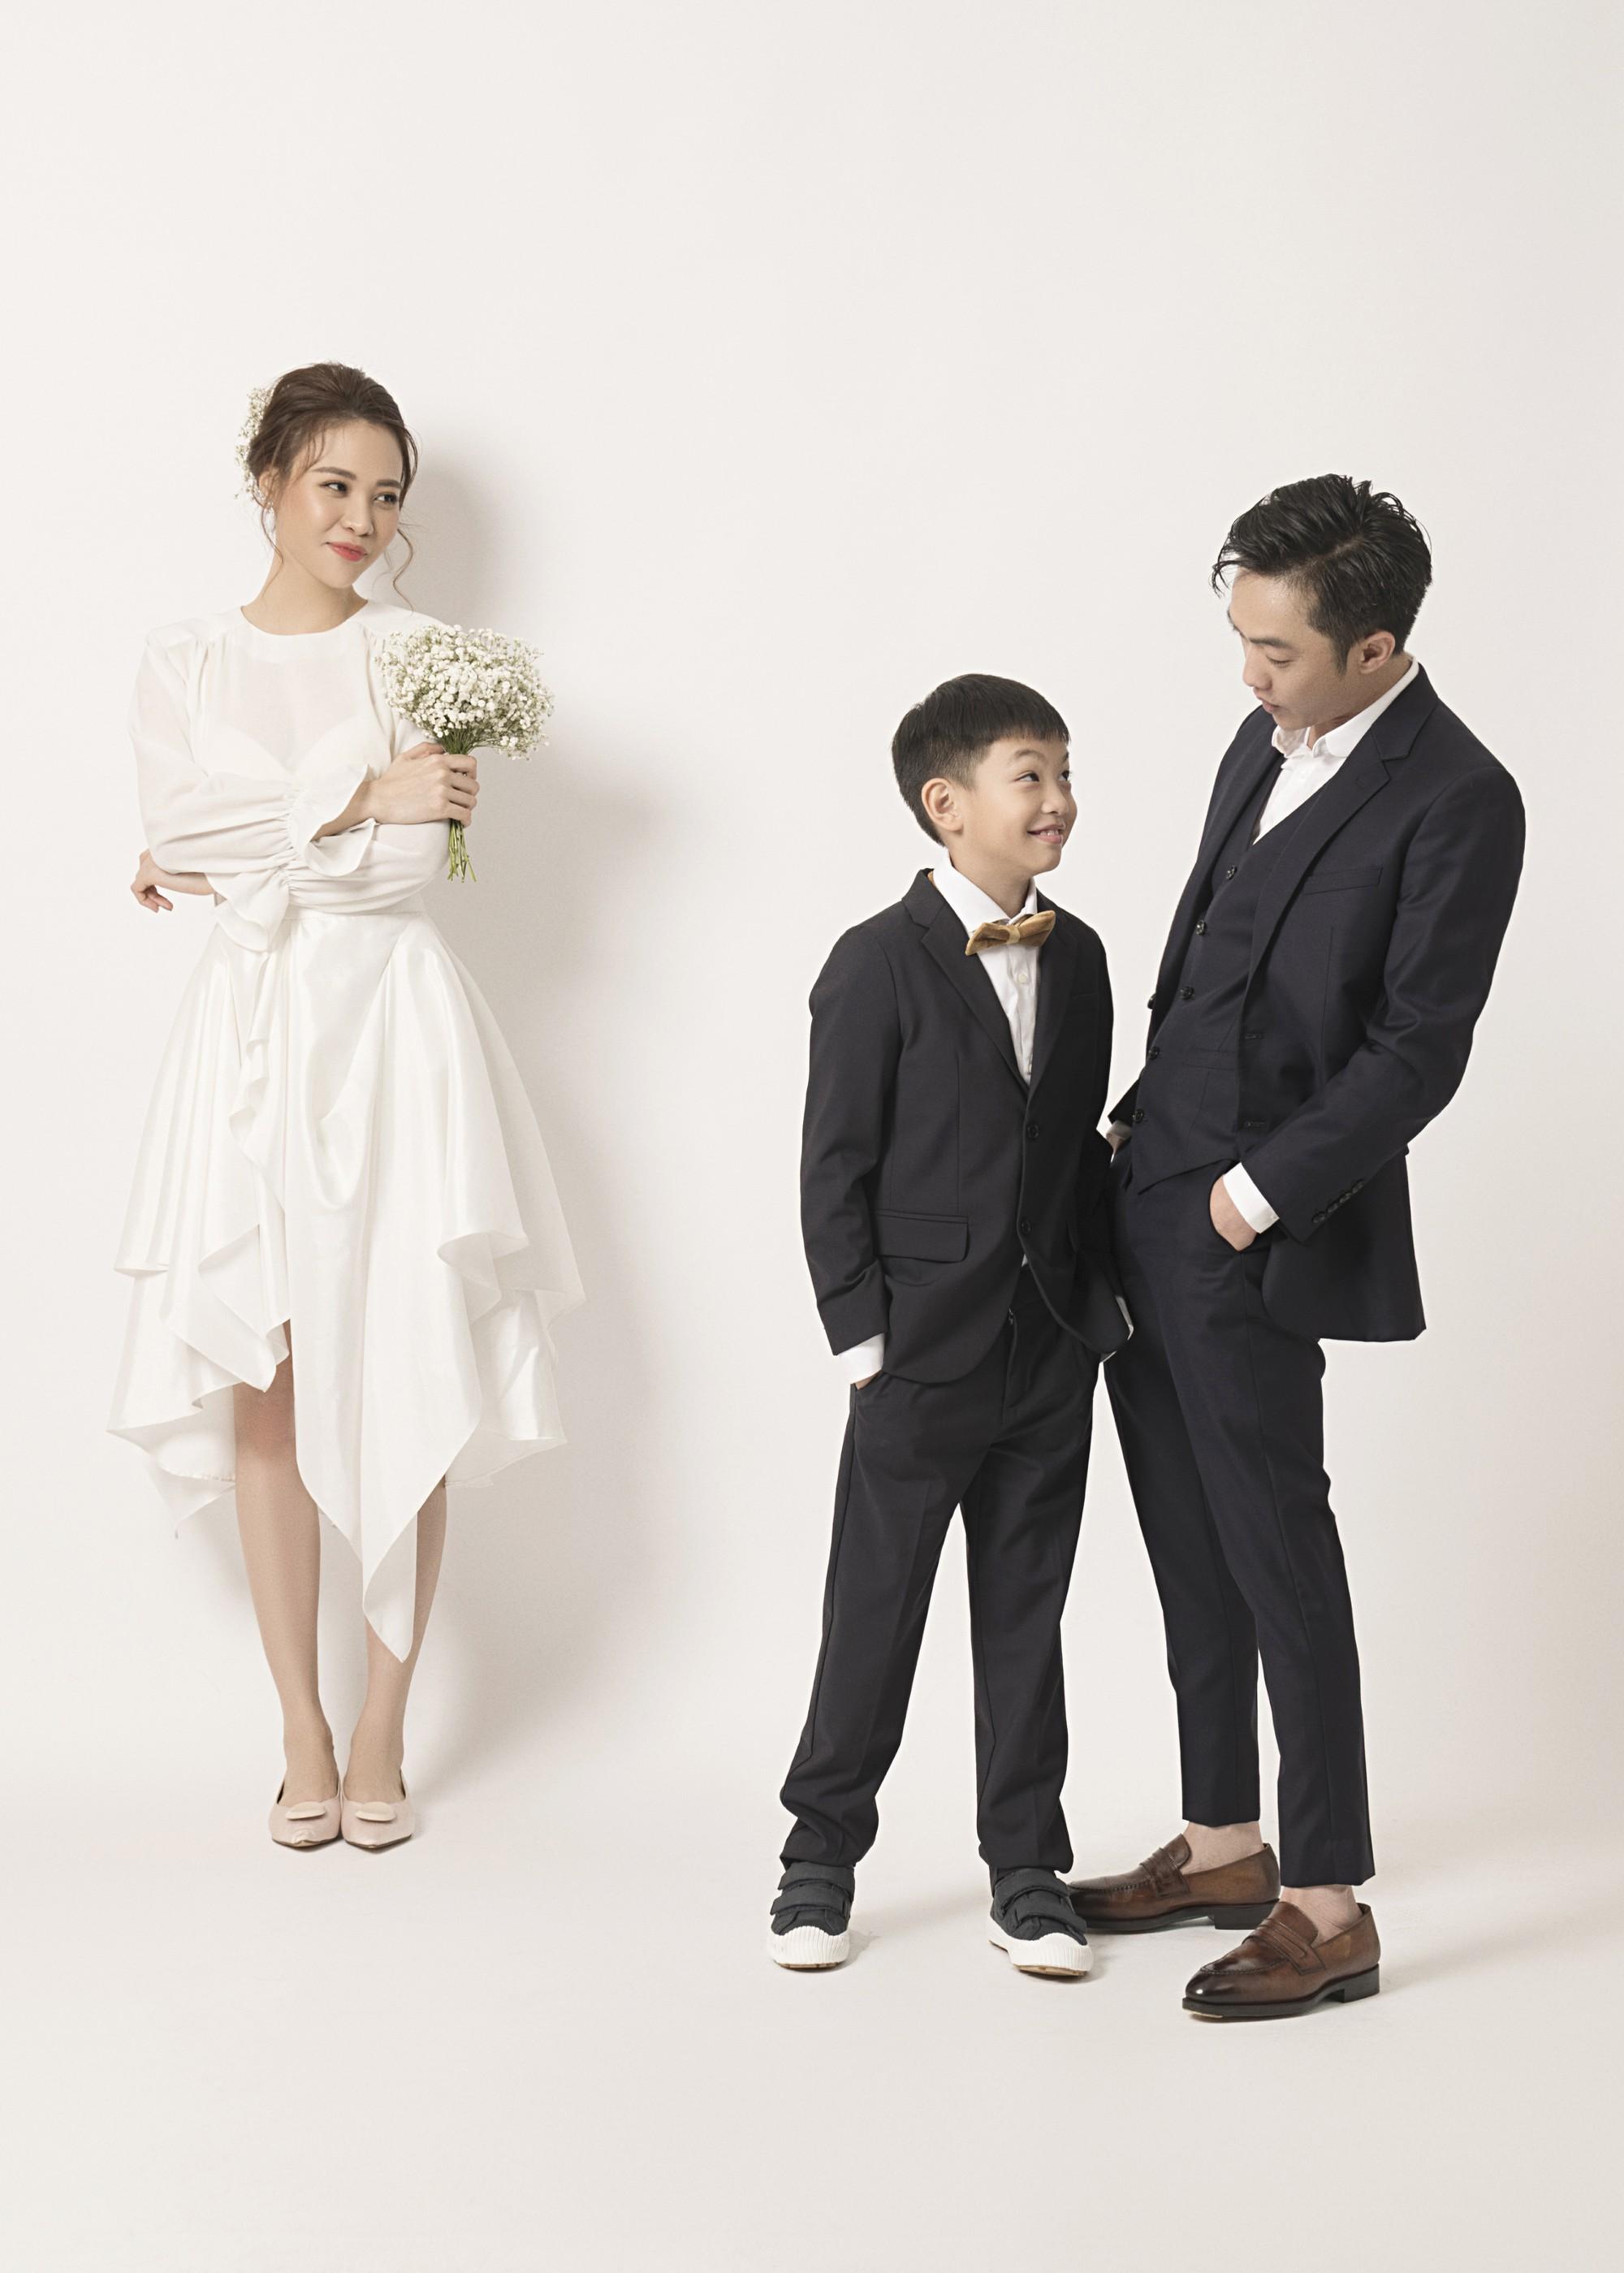 Hé lộ thêm ảnh cưới của Đàm Thu Trang và Cường Đô La trước ngày trọng đại: Quá ngọt, cô dâu thay tới 8 trang phục khác nhau - Ảnh 4.